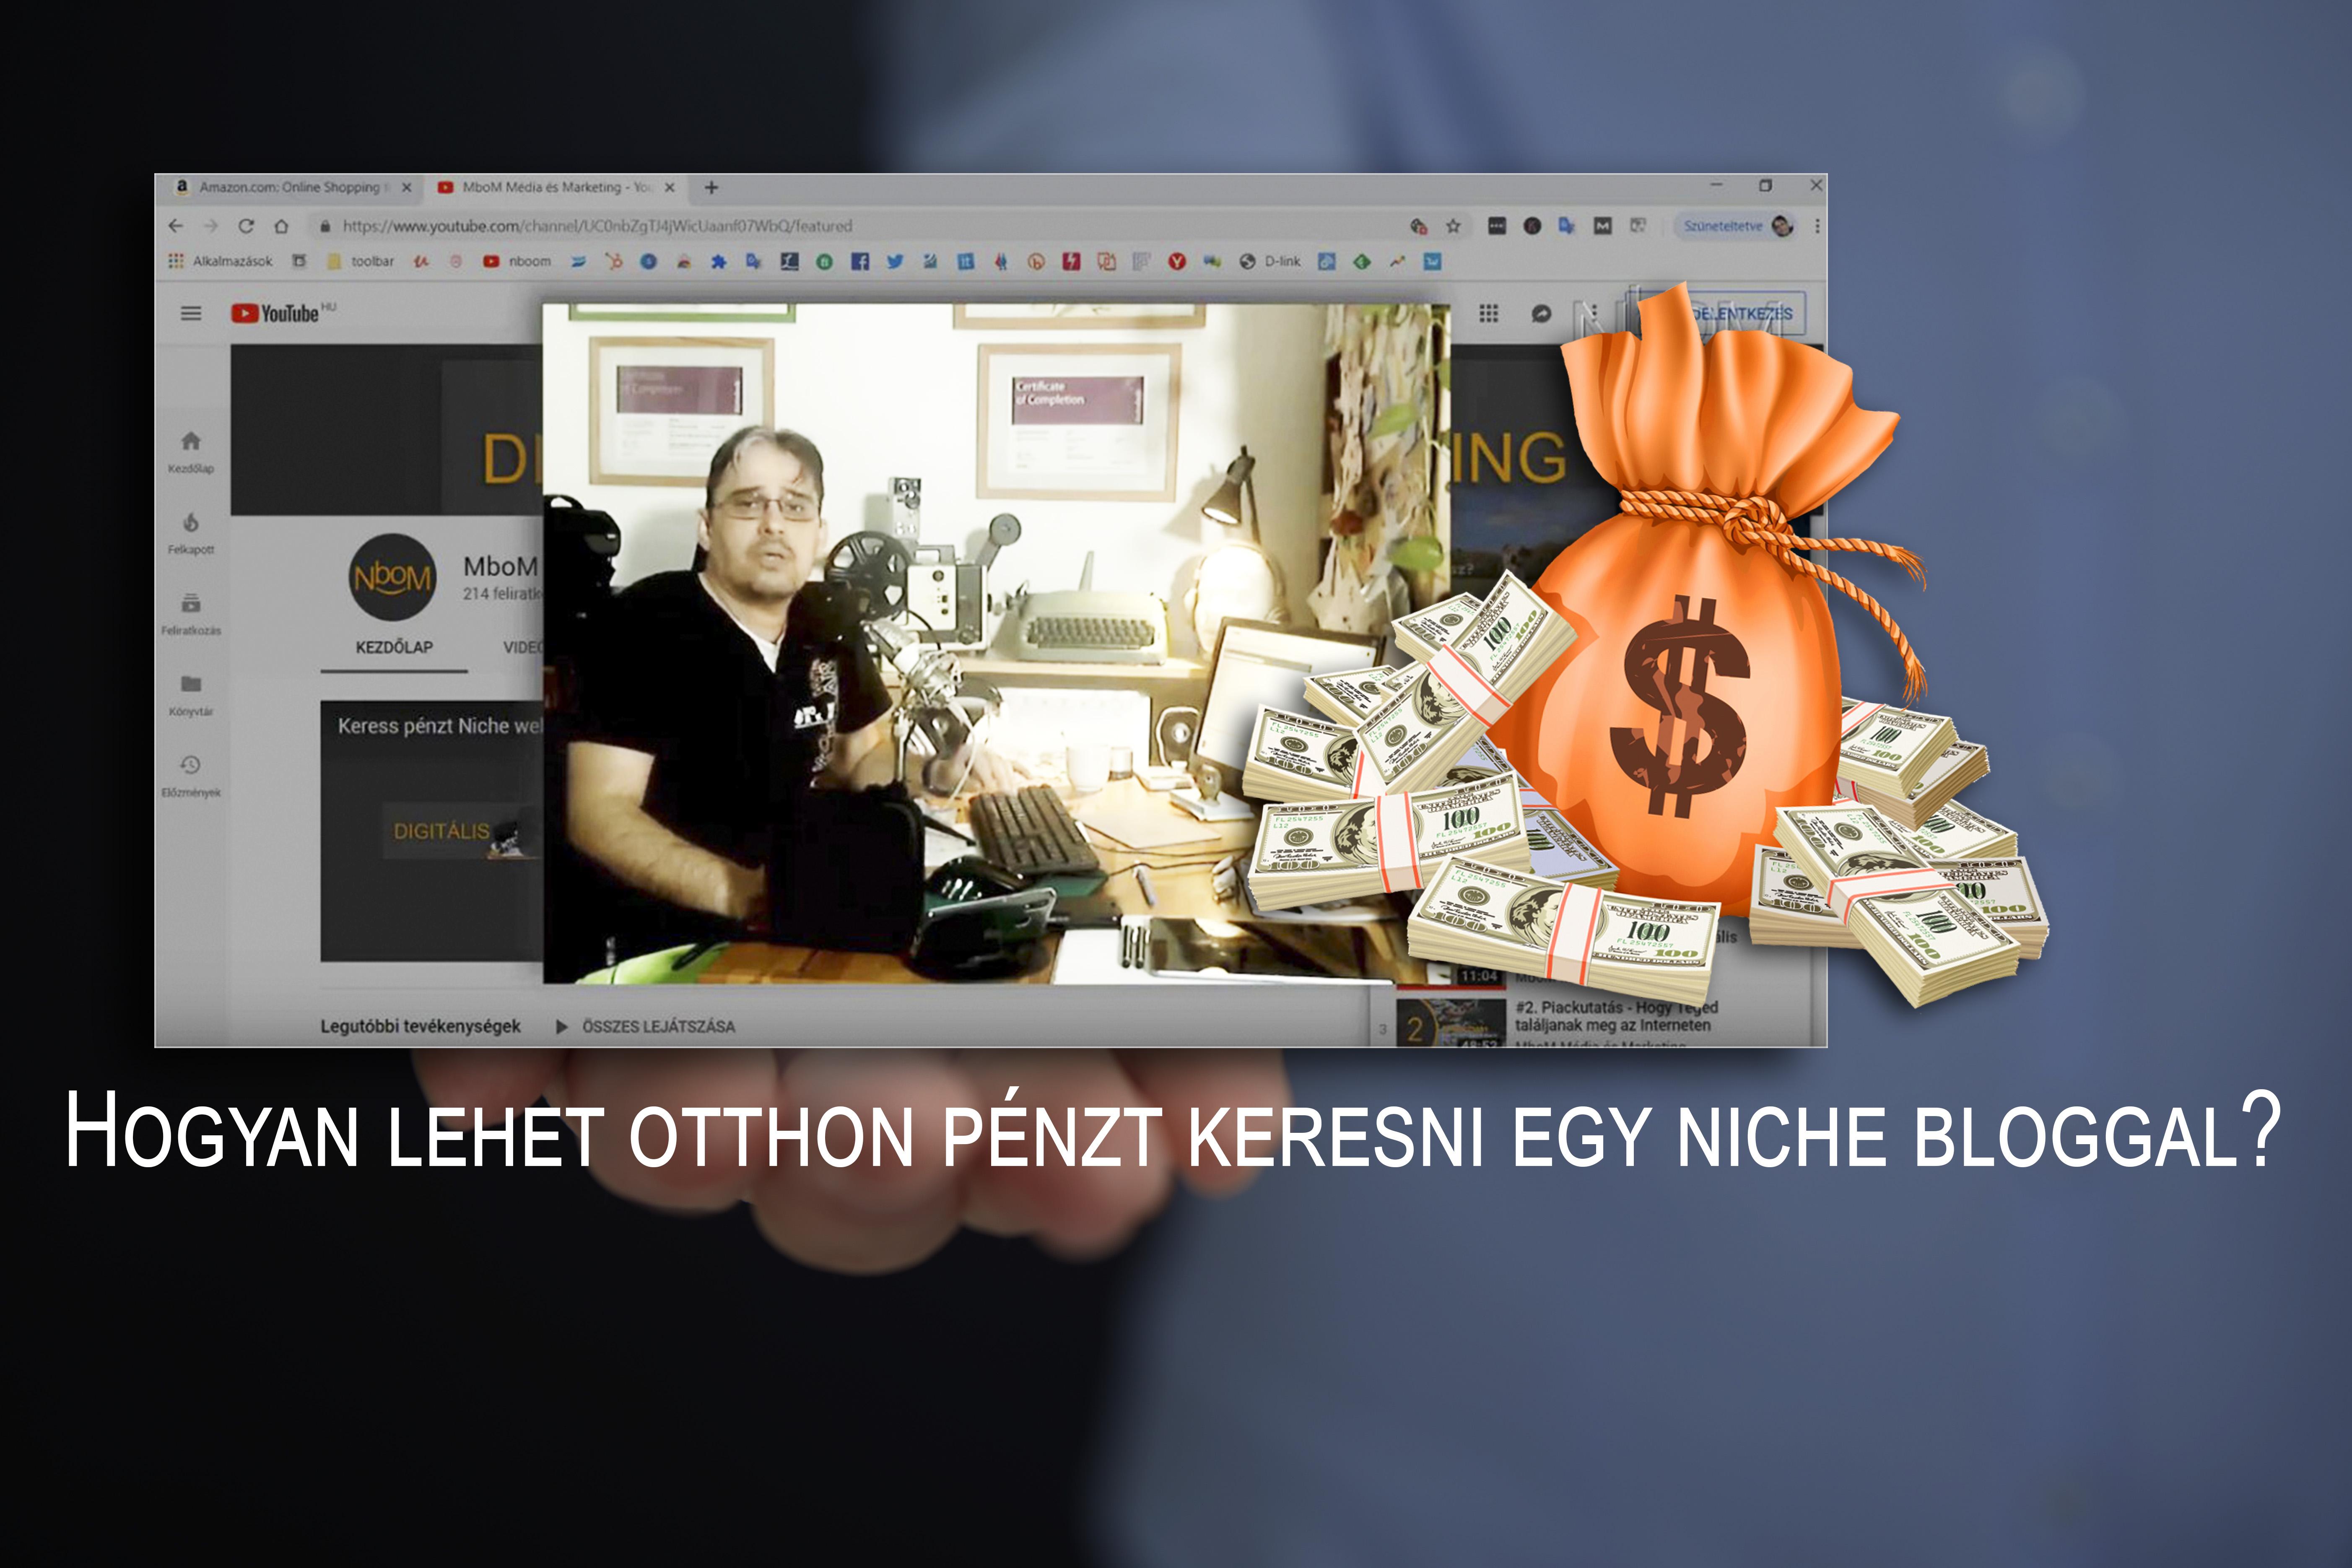 weboldal pénzt keresni videó)